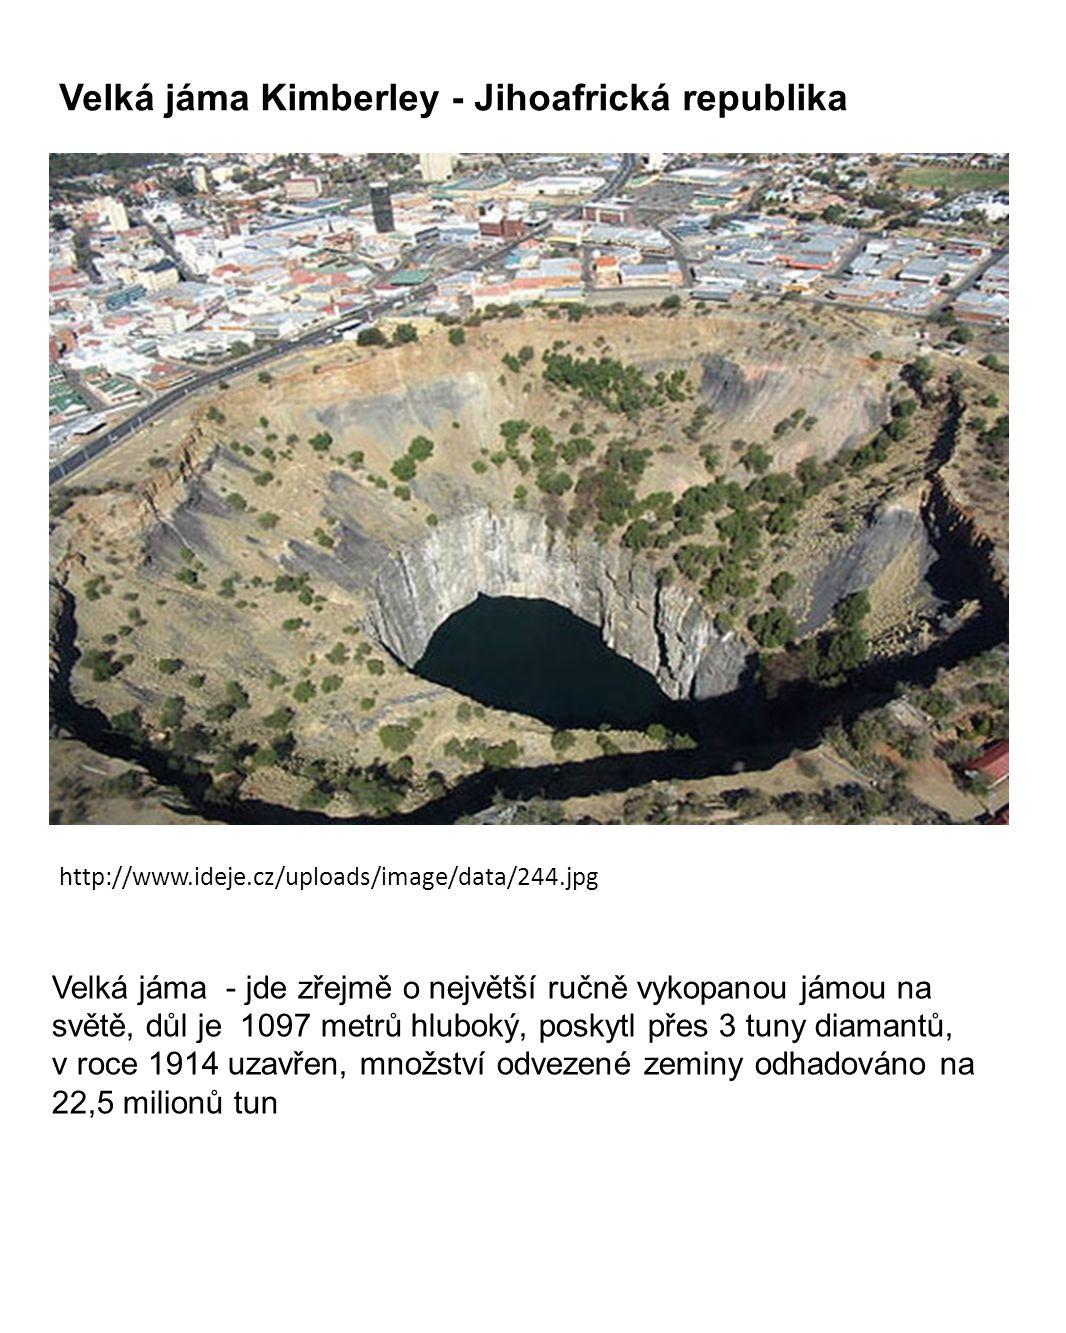 Velká jáma - jde zřejmě o největší ručně vykopanou jámou na světě, důl je 1097 metrů hluboký, poskytl přes 3 tuny diamantů, v roce 1914 uzavřen, množs